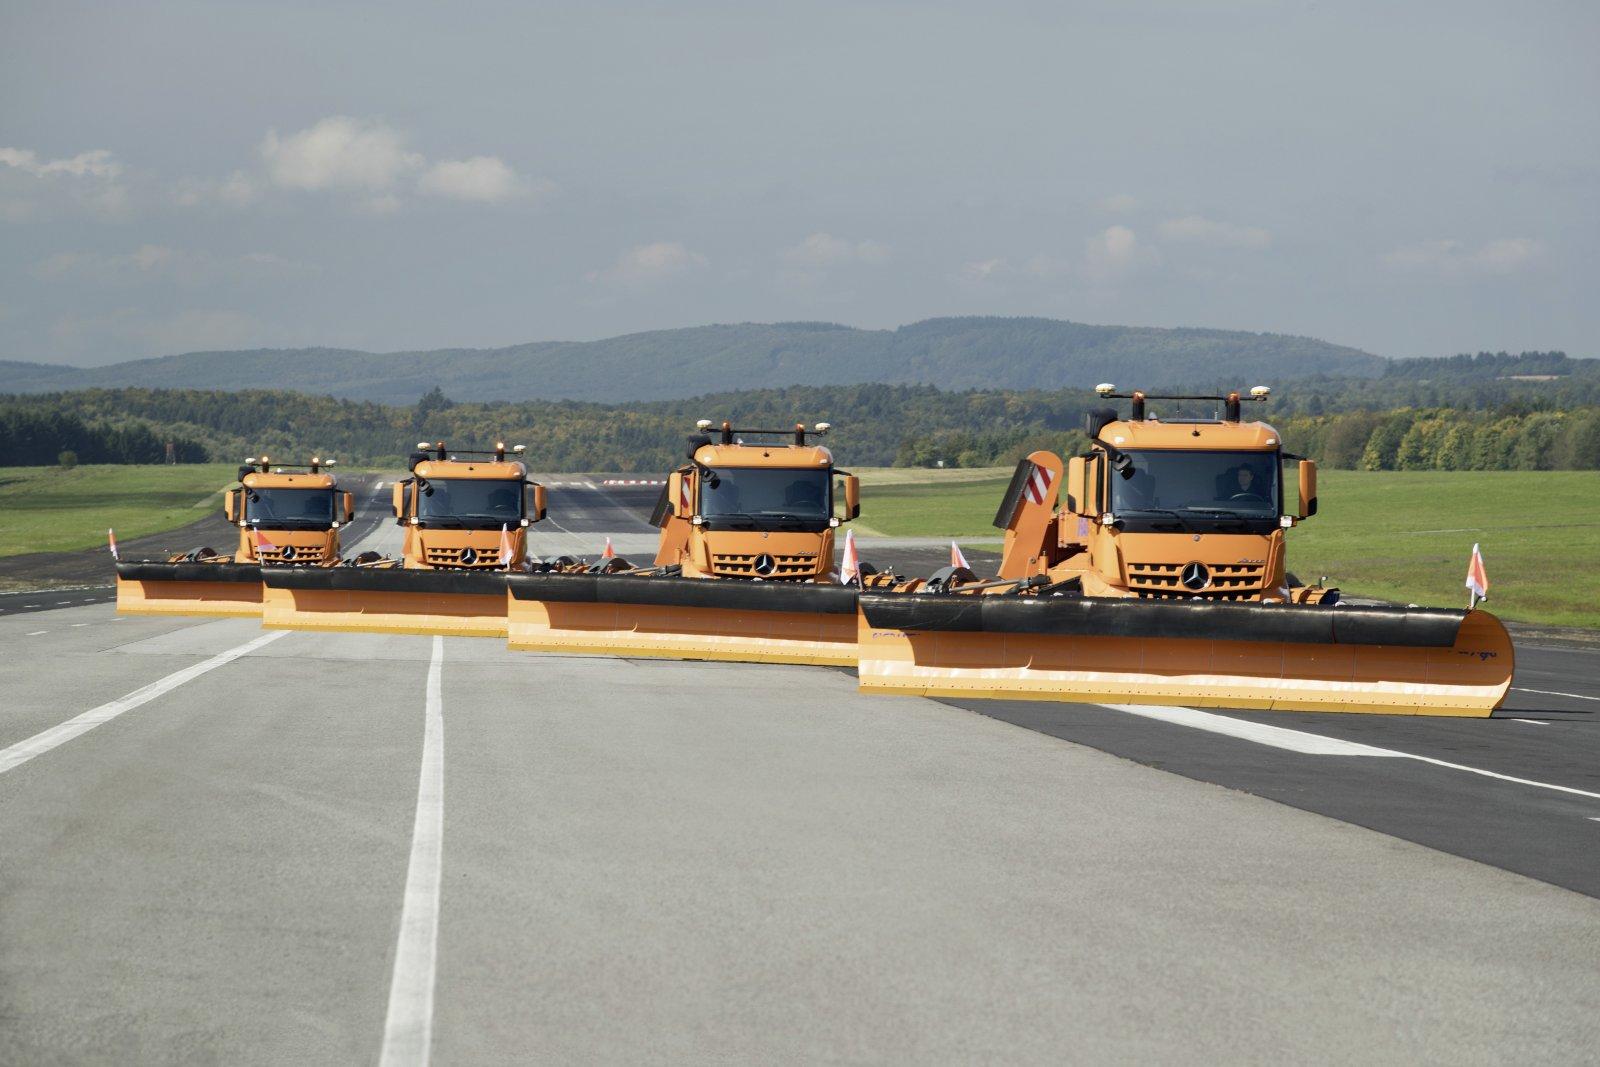 De fyra 25 meter långa ekipagen med sina 8 meter breda plogar är en mäktig syn när de rullar nerför landningsbanan.